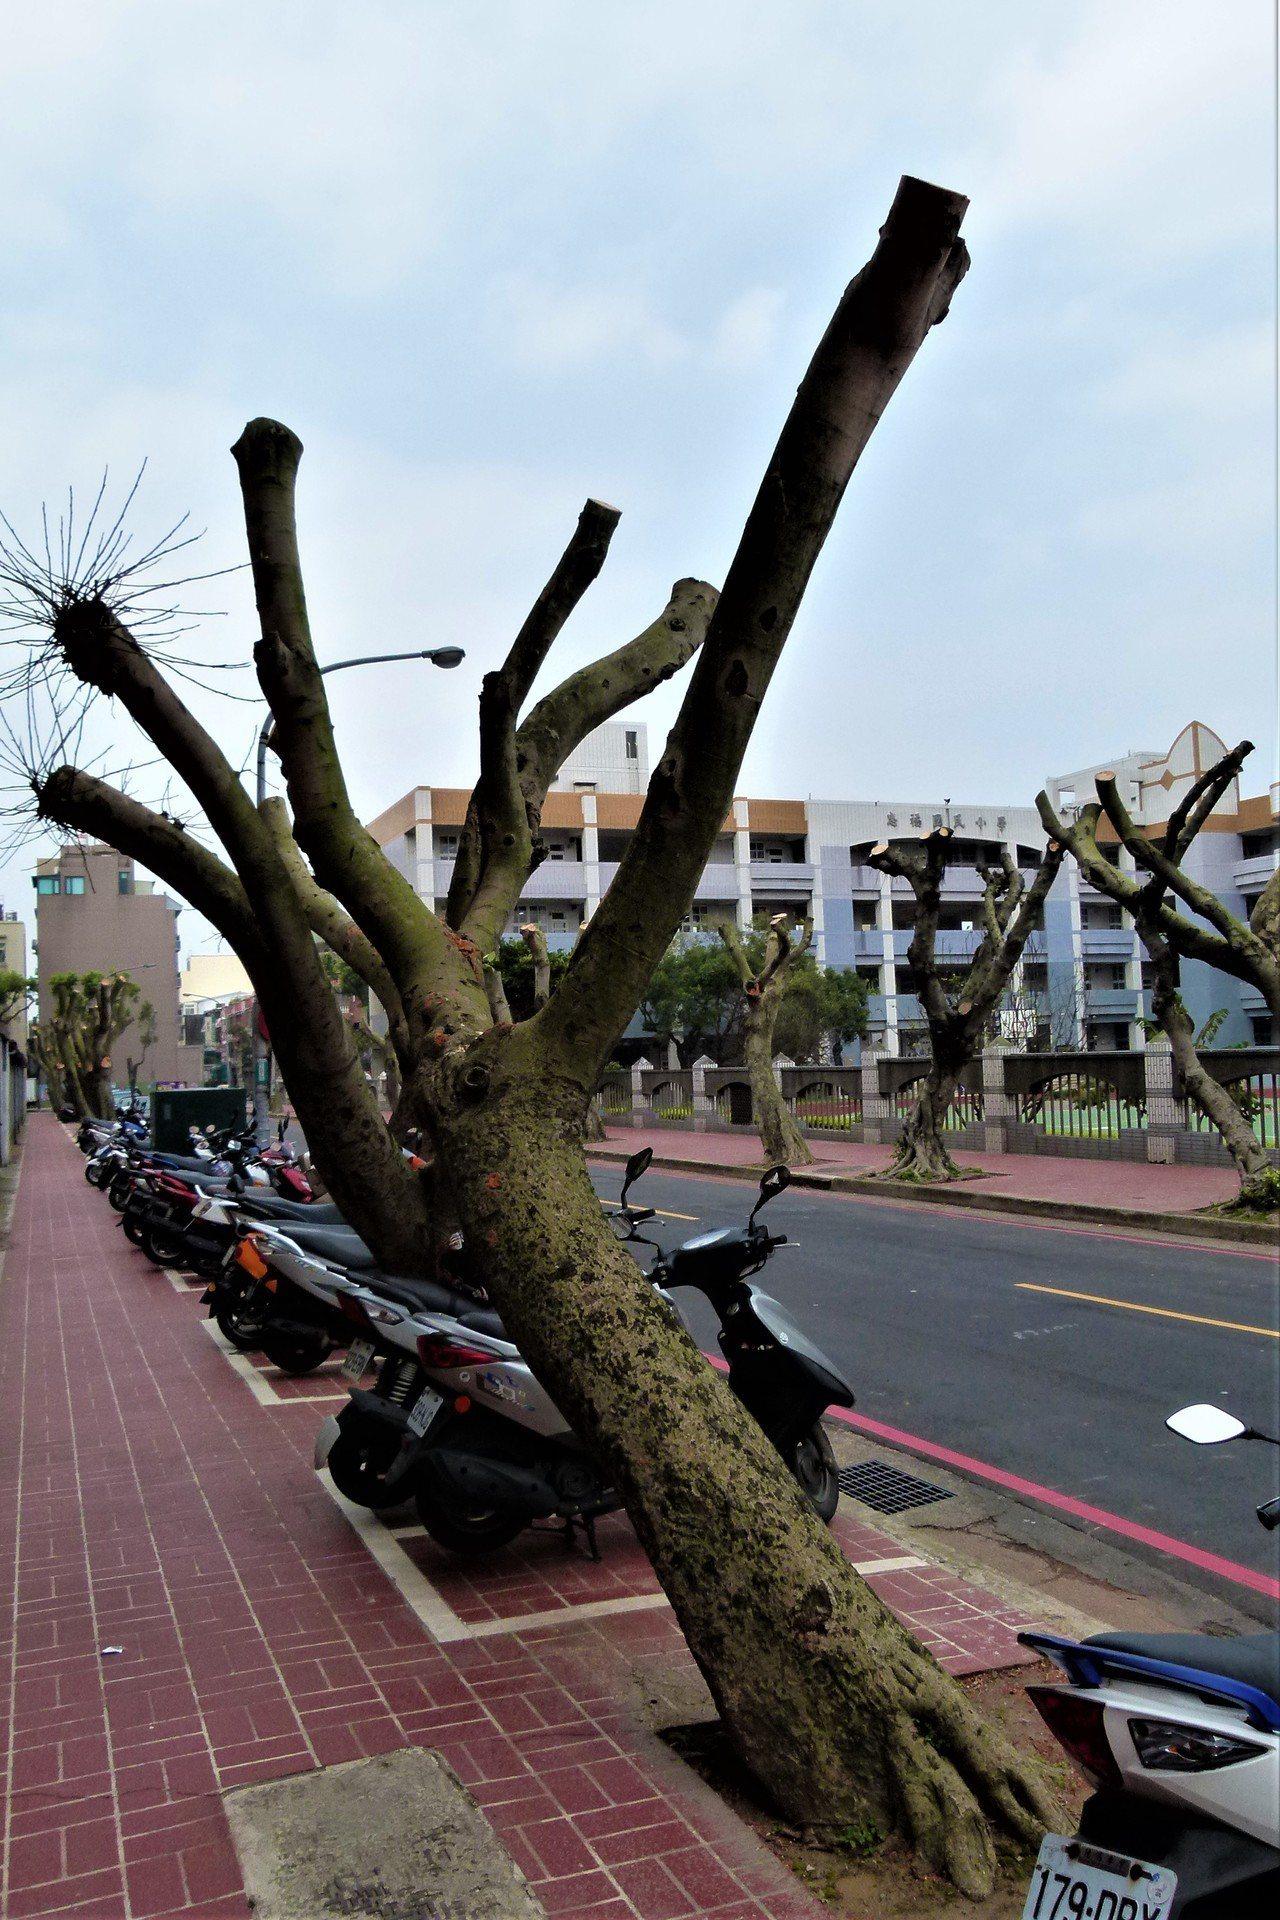 有的行道樹傾斜,公所表示專業公司截修後再長出新的枝葉時會變好看。記者鄭國樑/攝影